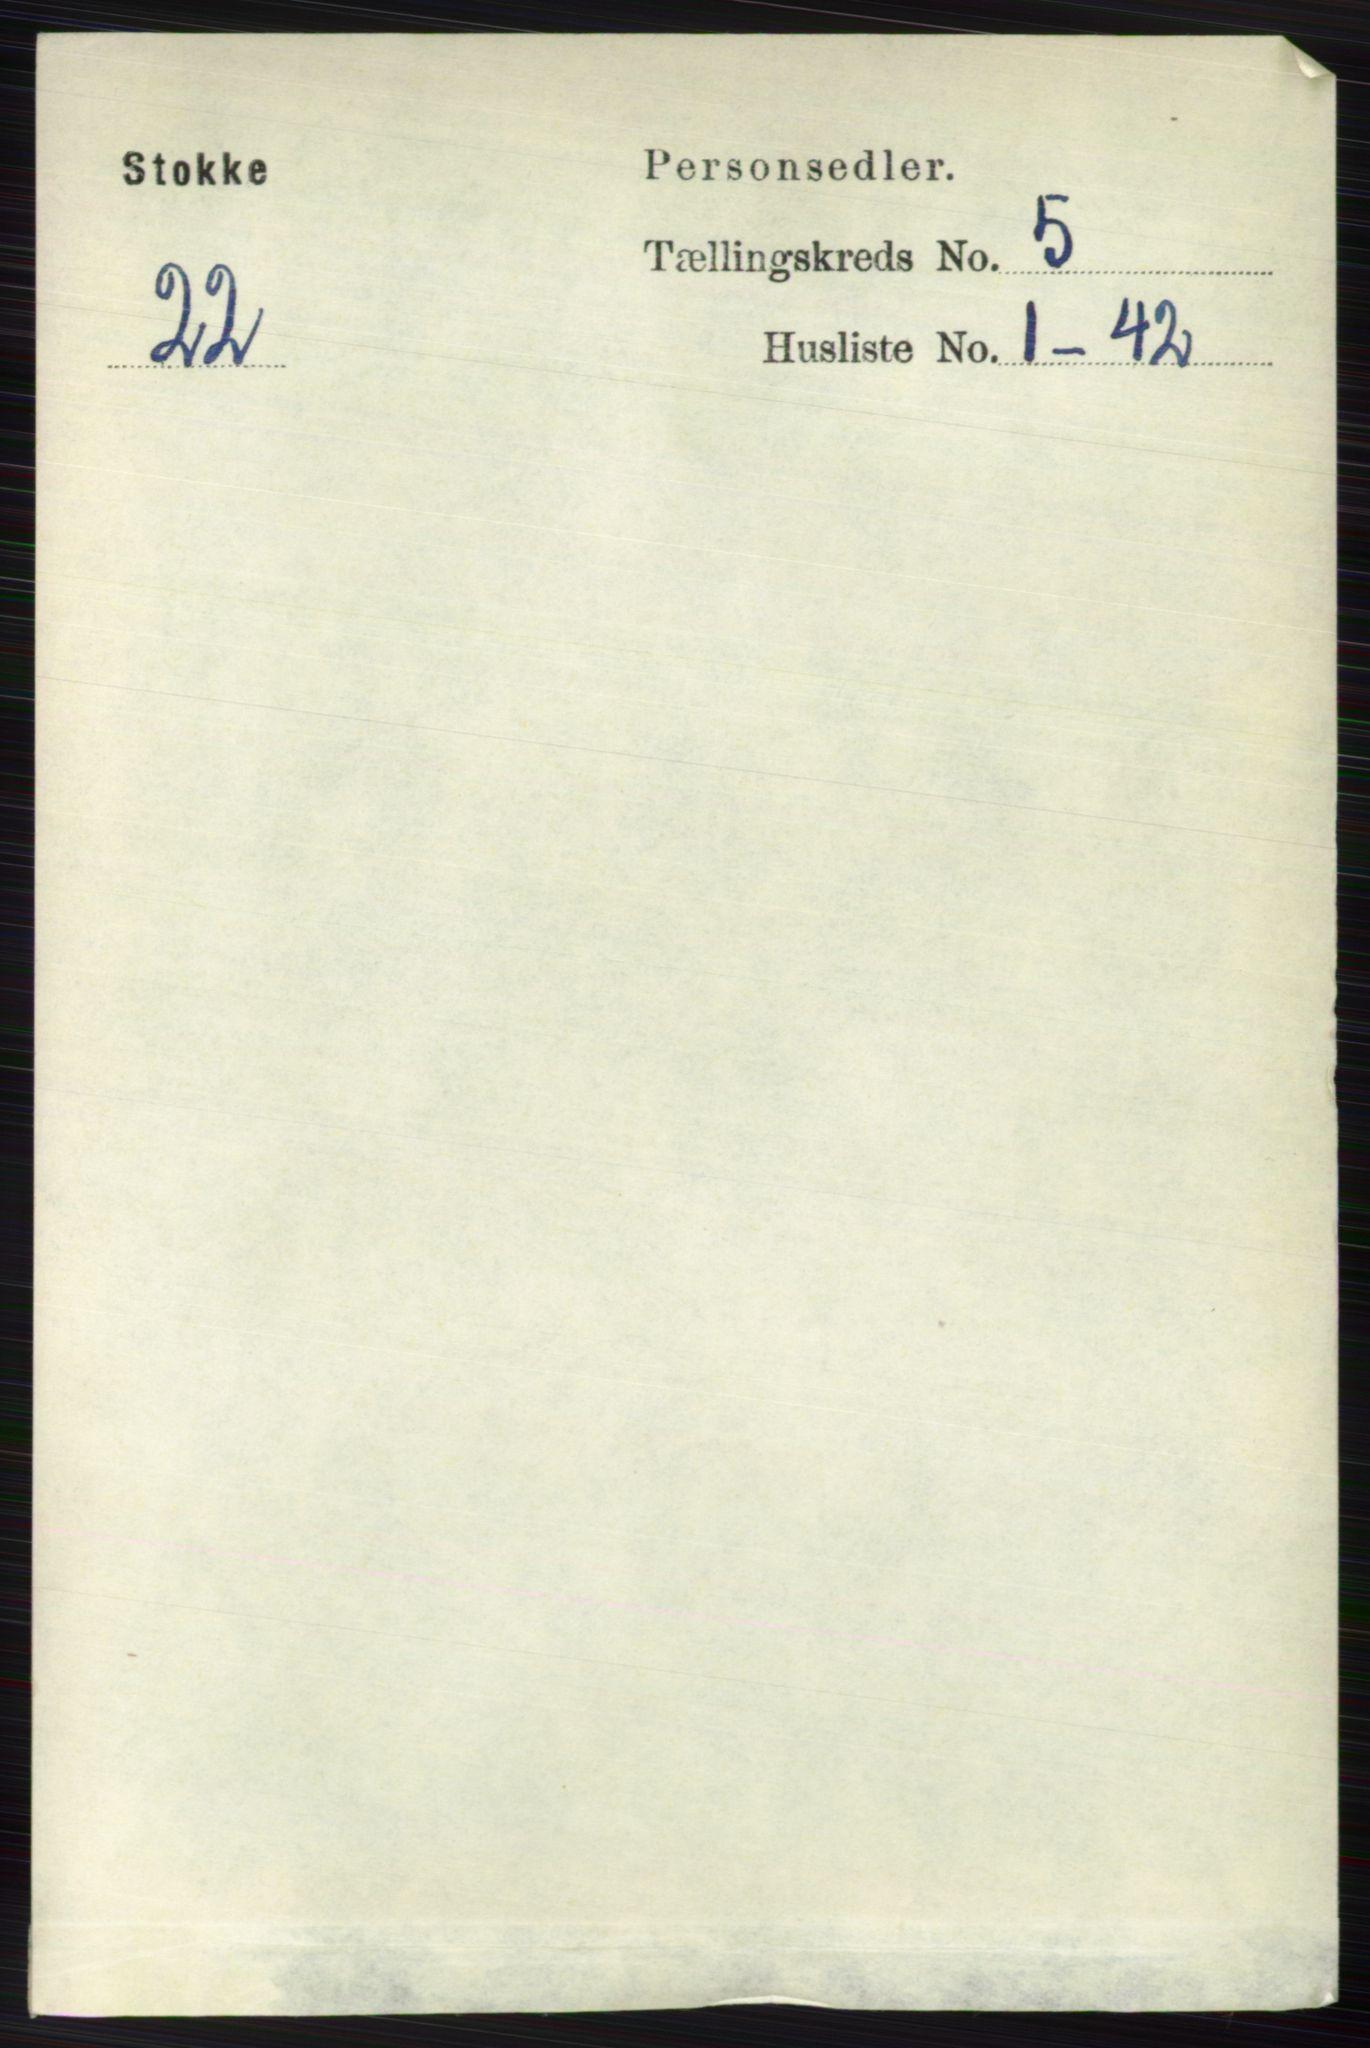 RA, Folketelling 1891 for 0720 Stokke herred, 1891, s. 3113